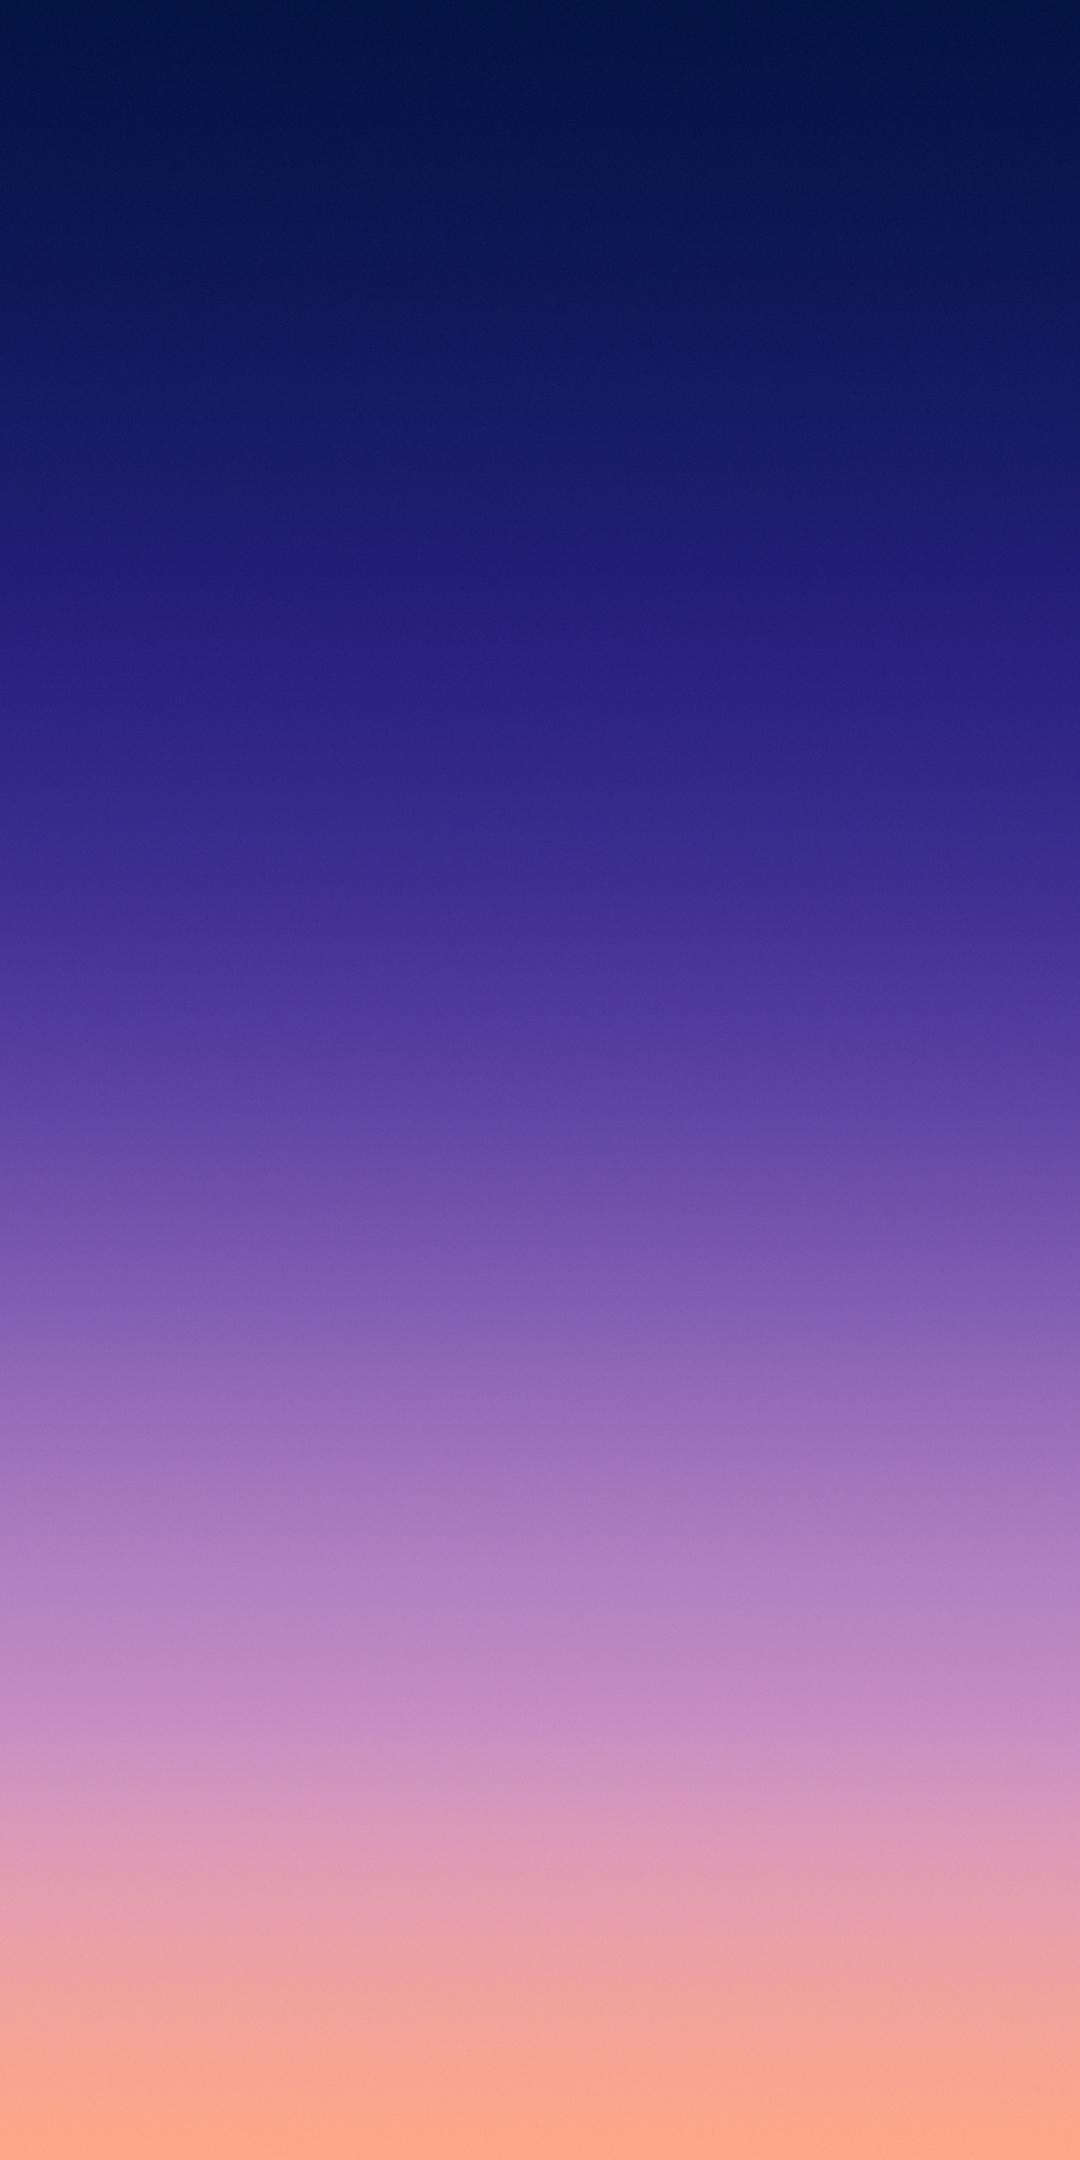 miui9 系統內置壁紙 - 全面屏18:9手機壁紙